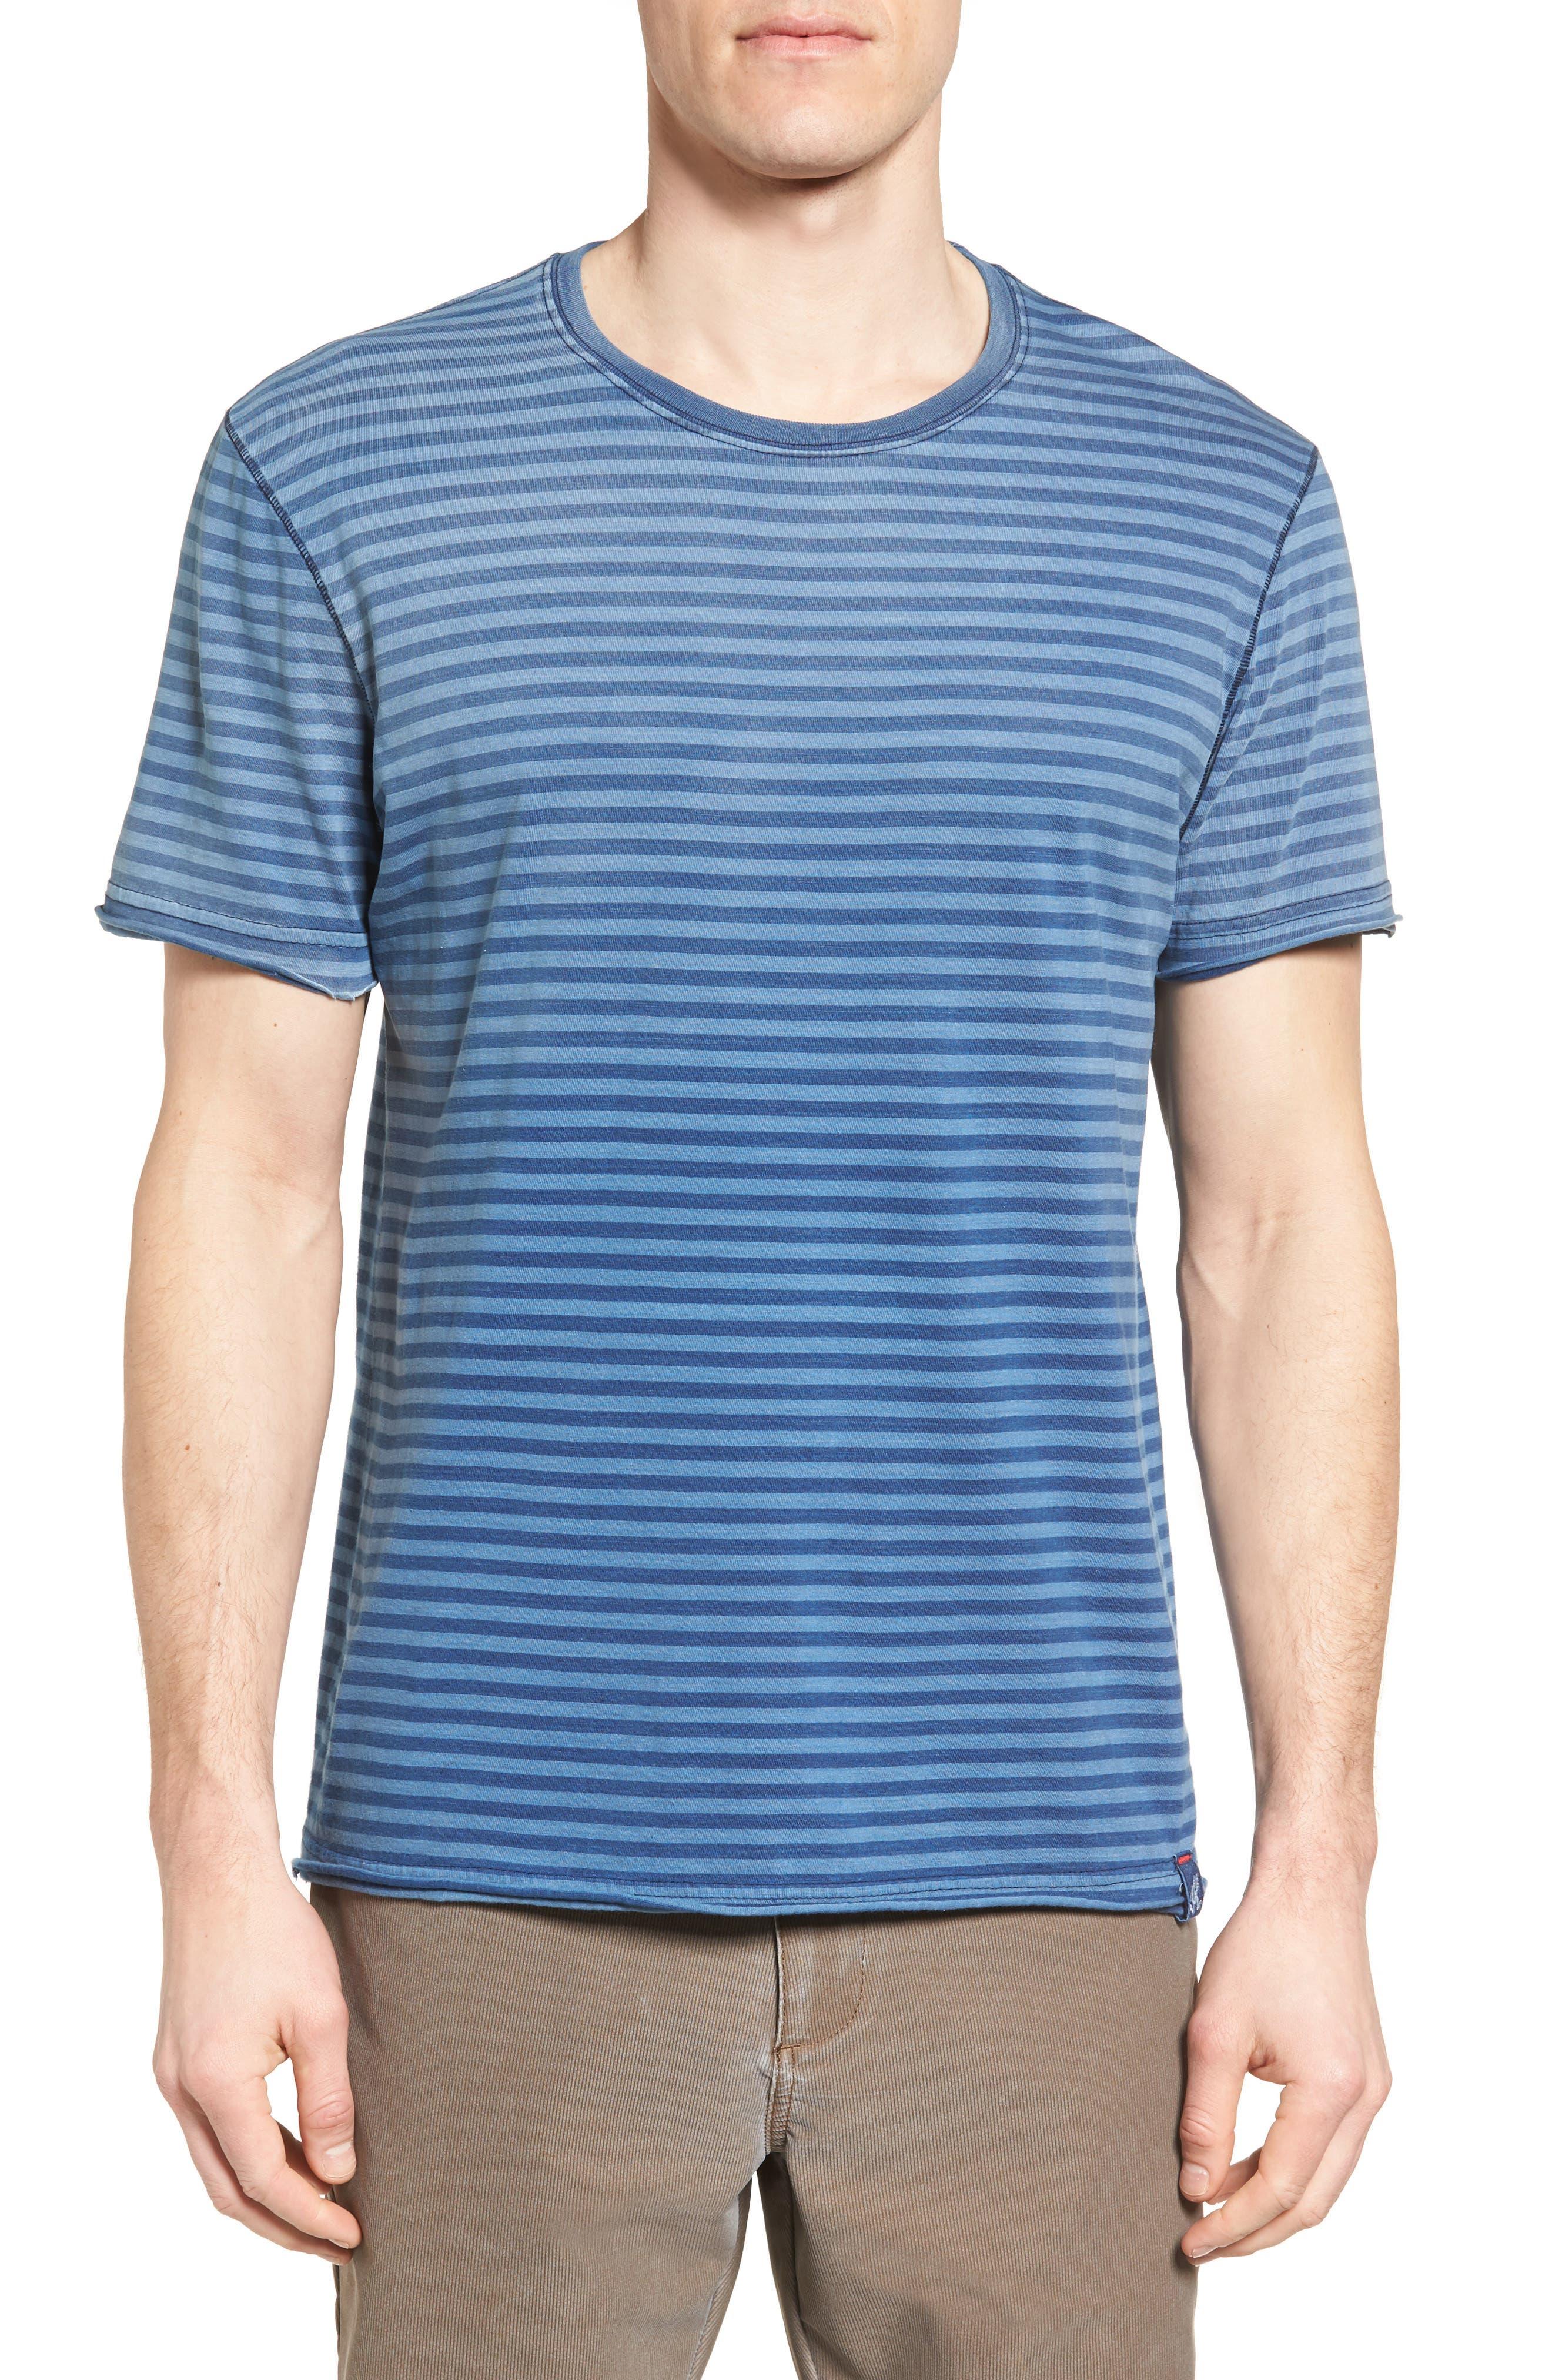 Gramicci Take It Slow T-Shirt